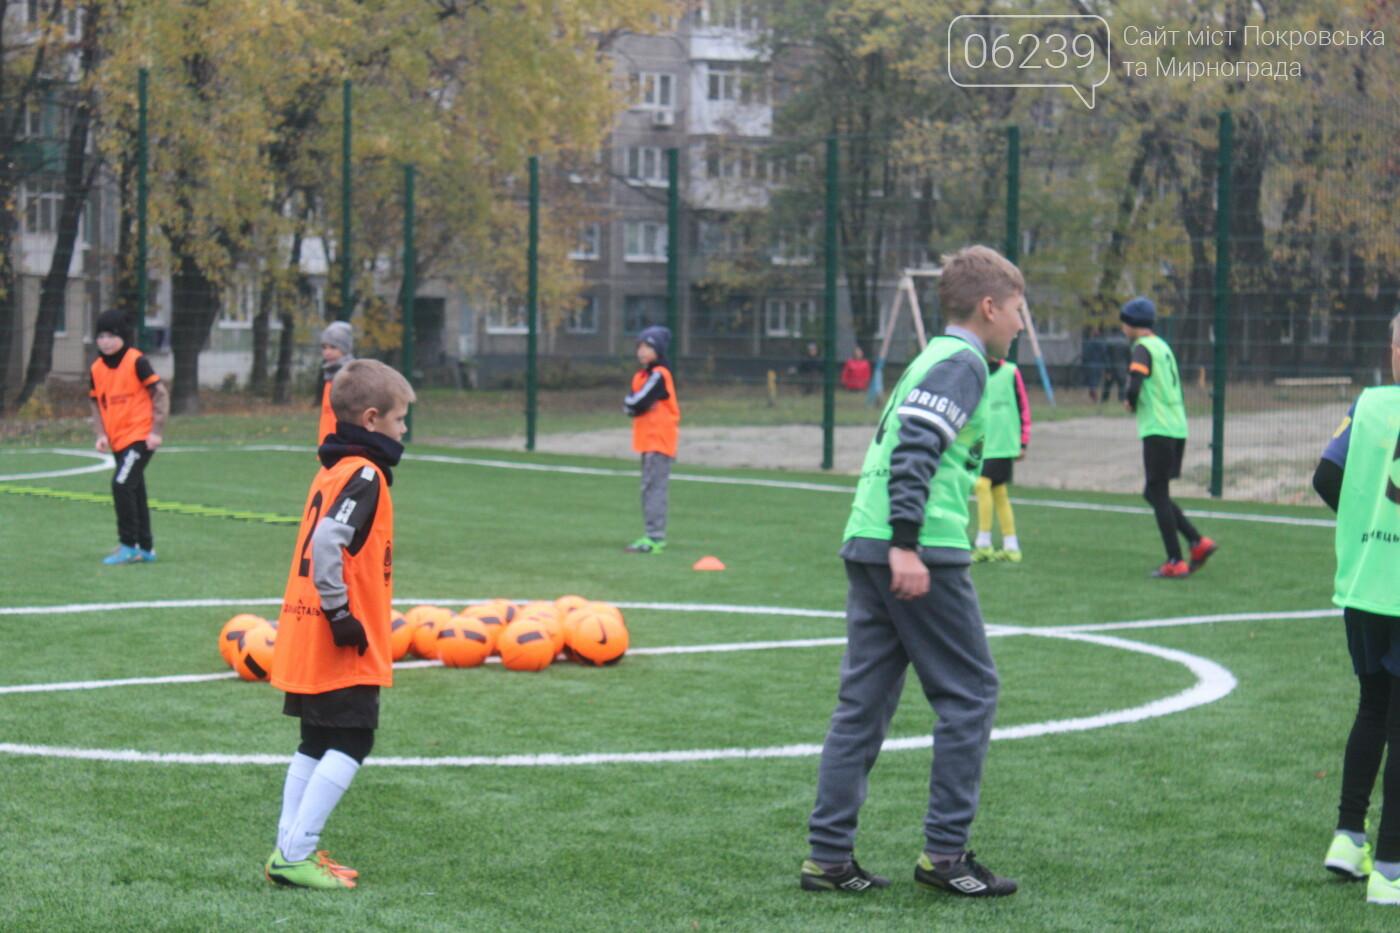 В Мирнограде открыли еще одно футбольное поле с искусственным покрытием, фото-8